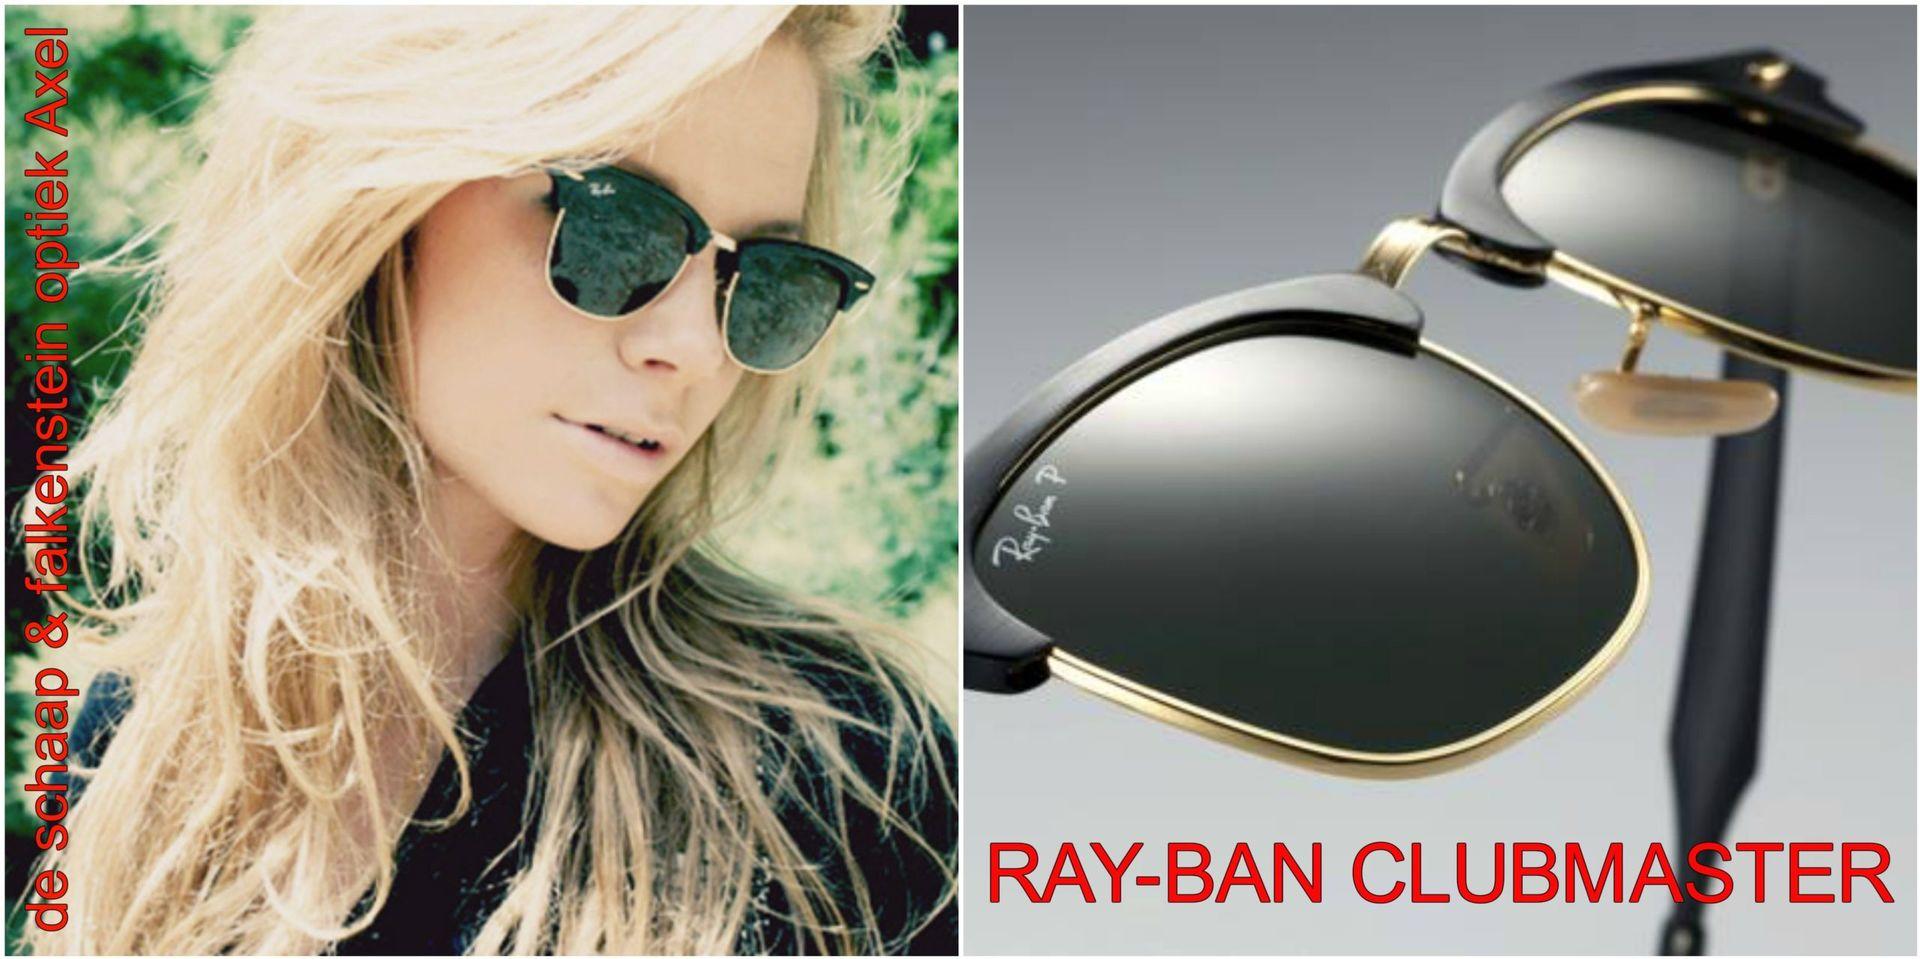 Collage Ray-Ban clubmaster 2 - voor website & fb - met winkelnaam